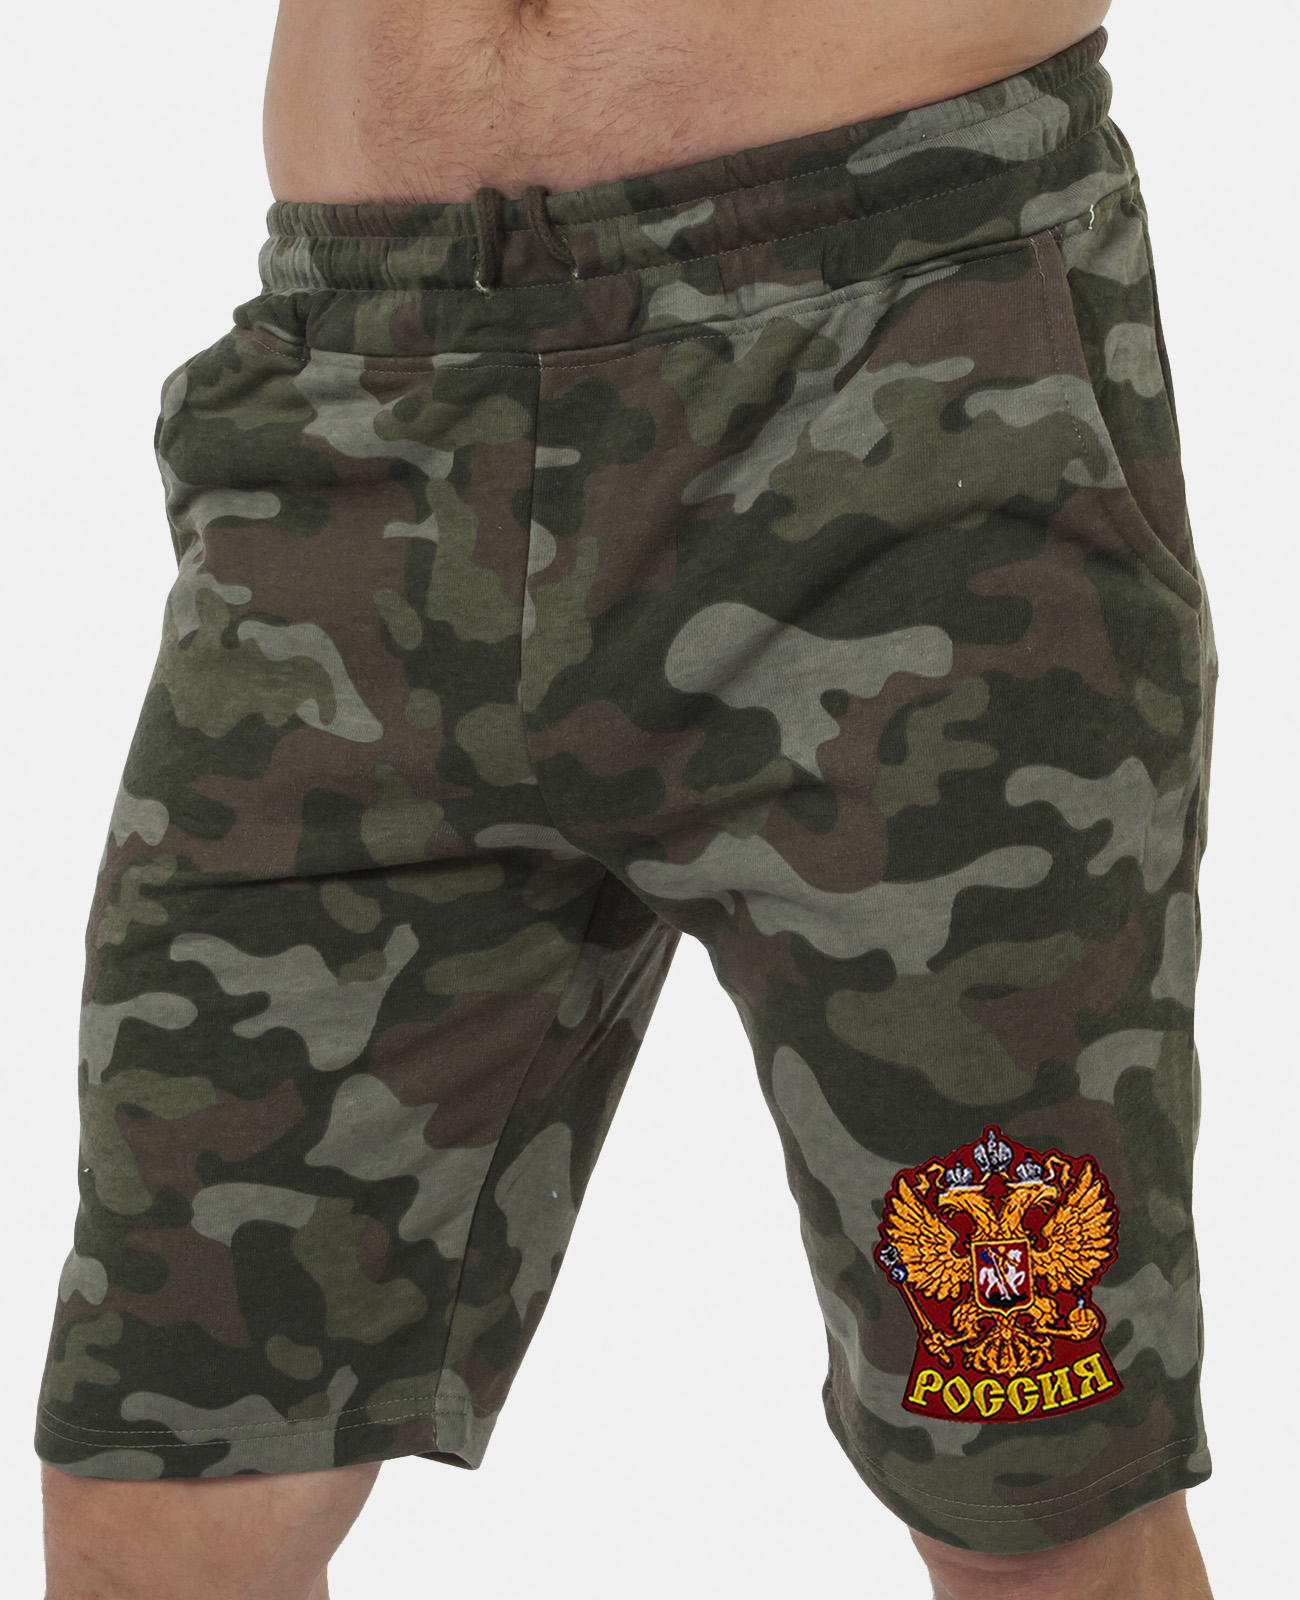 Военные милитари шорты с нашивкой Россия